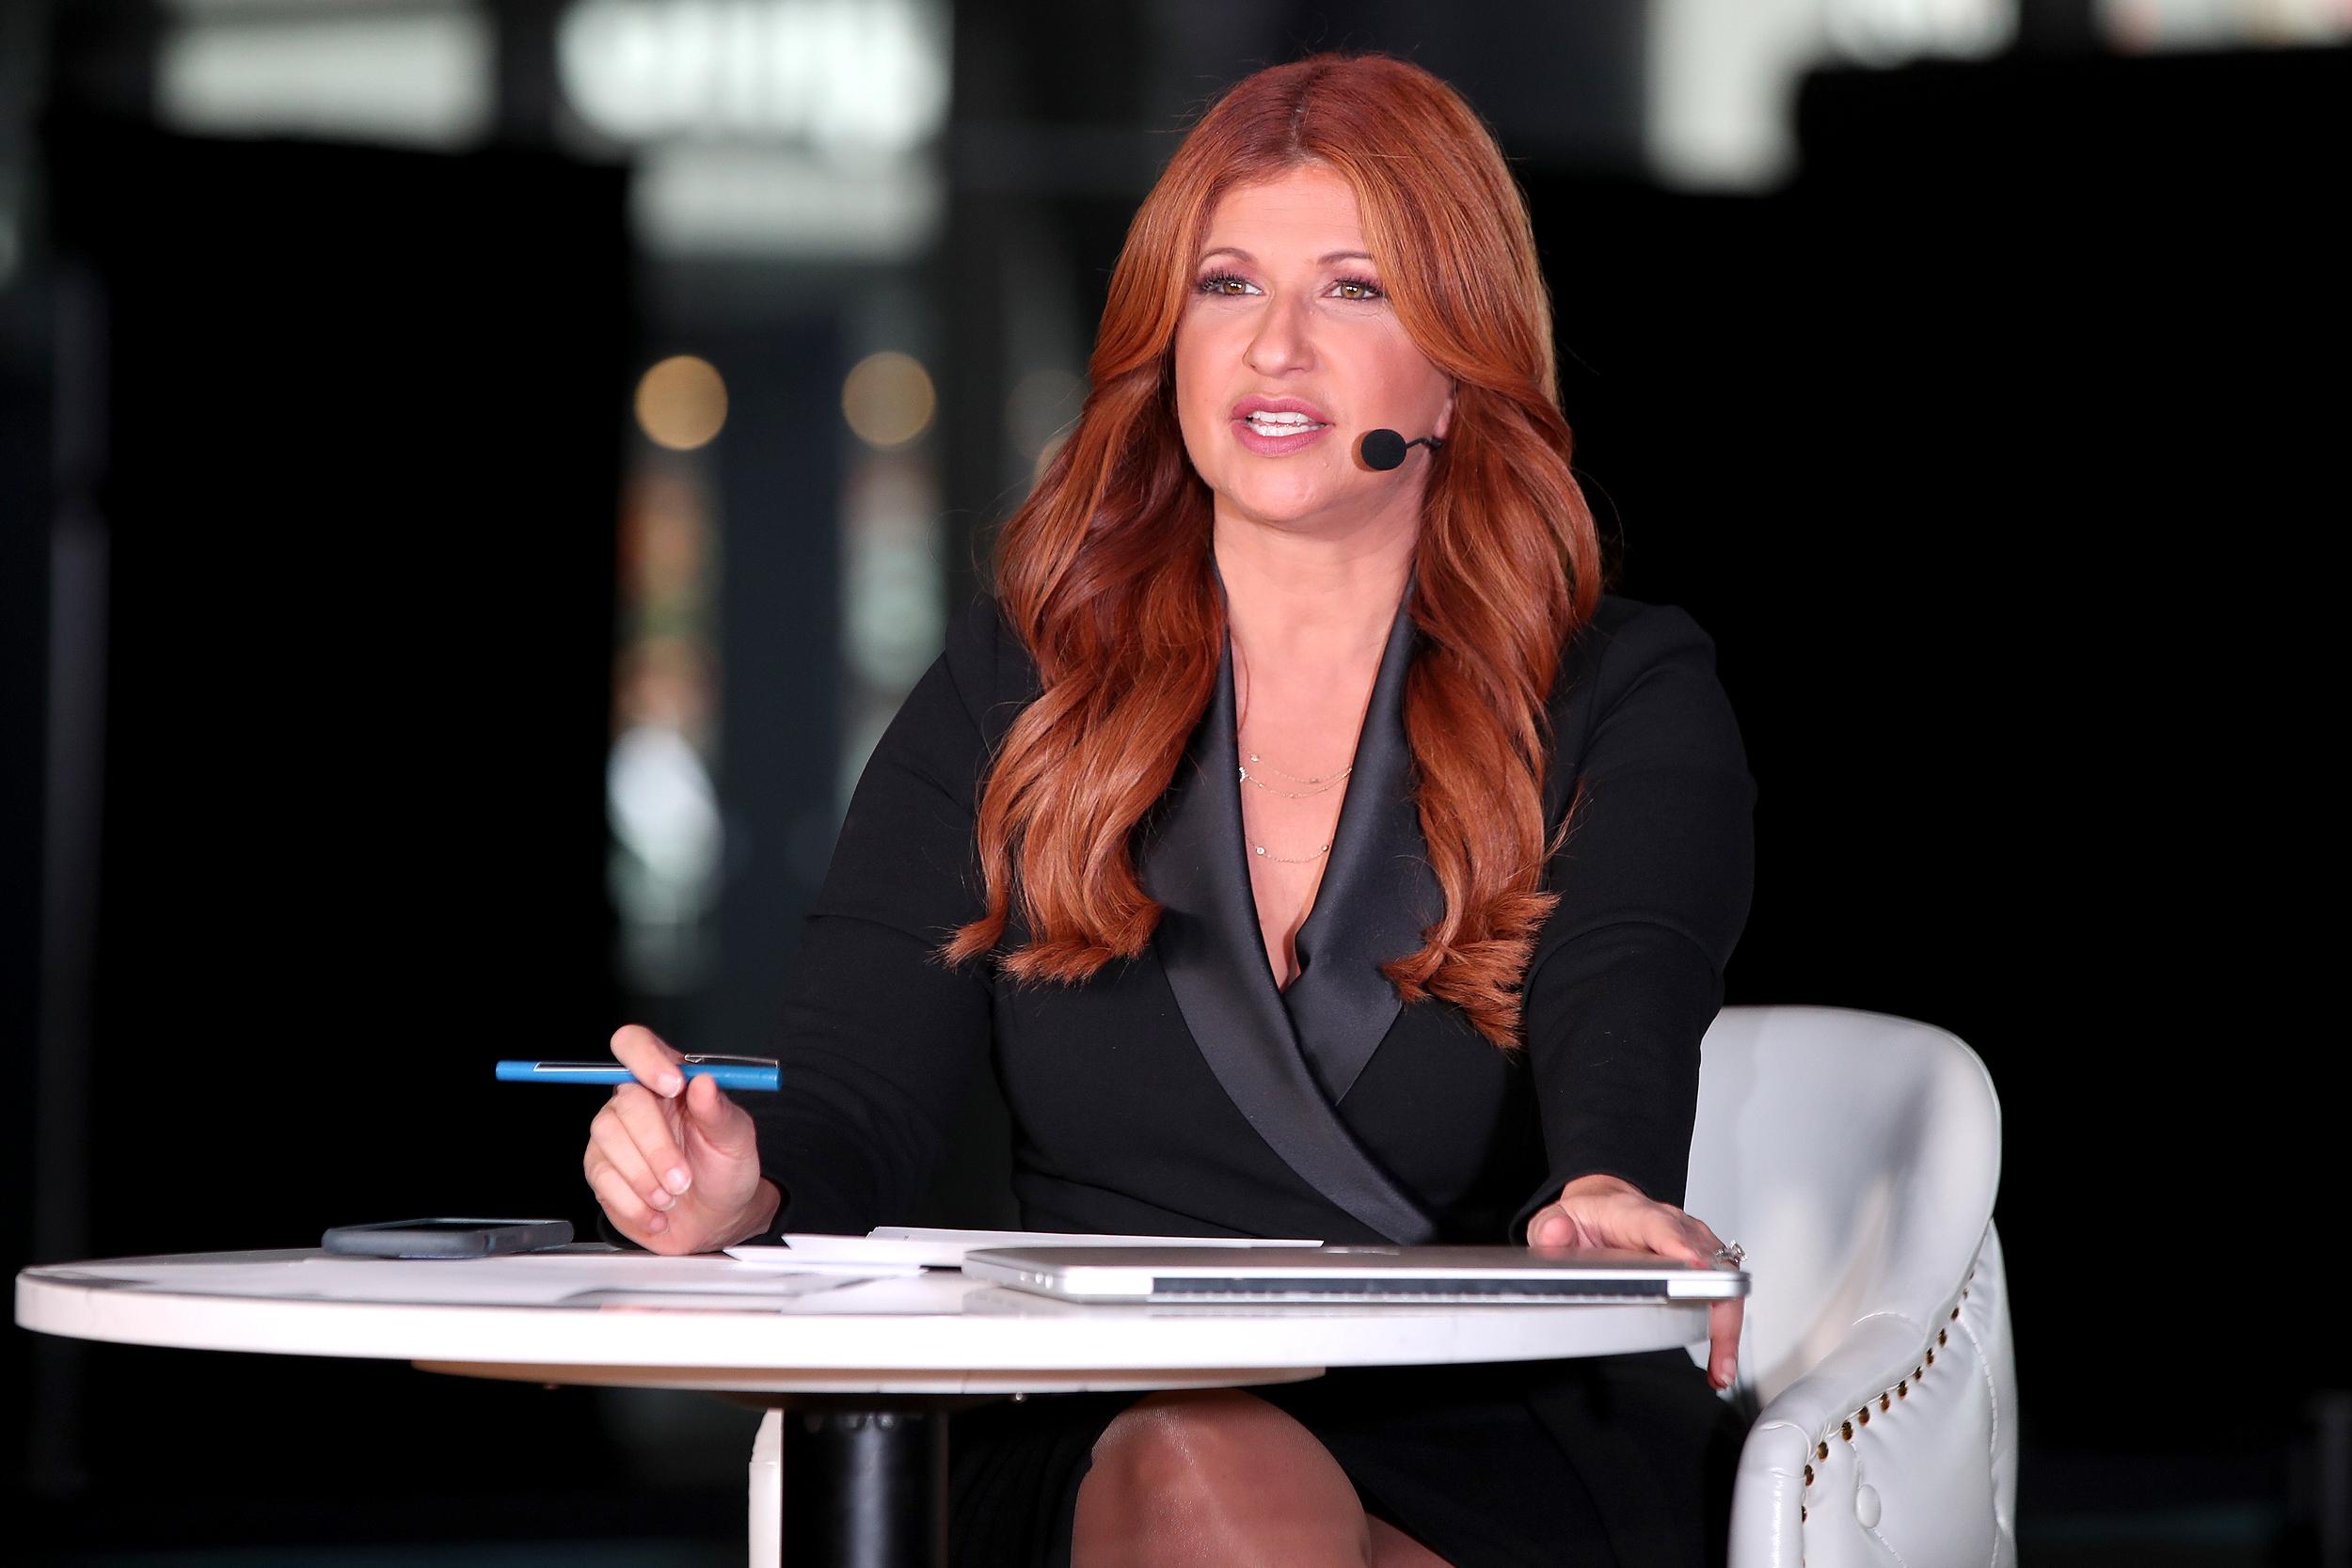 ESPN pulls Rachel Nichols from NBA programming